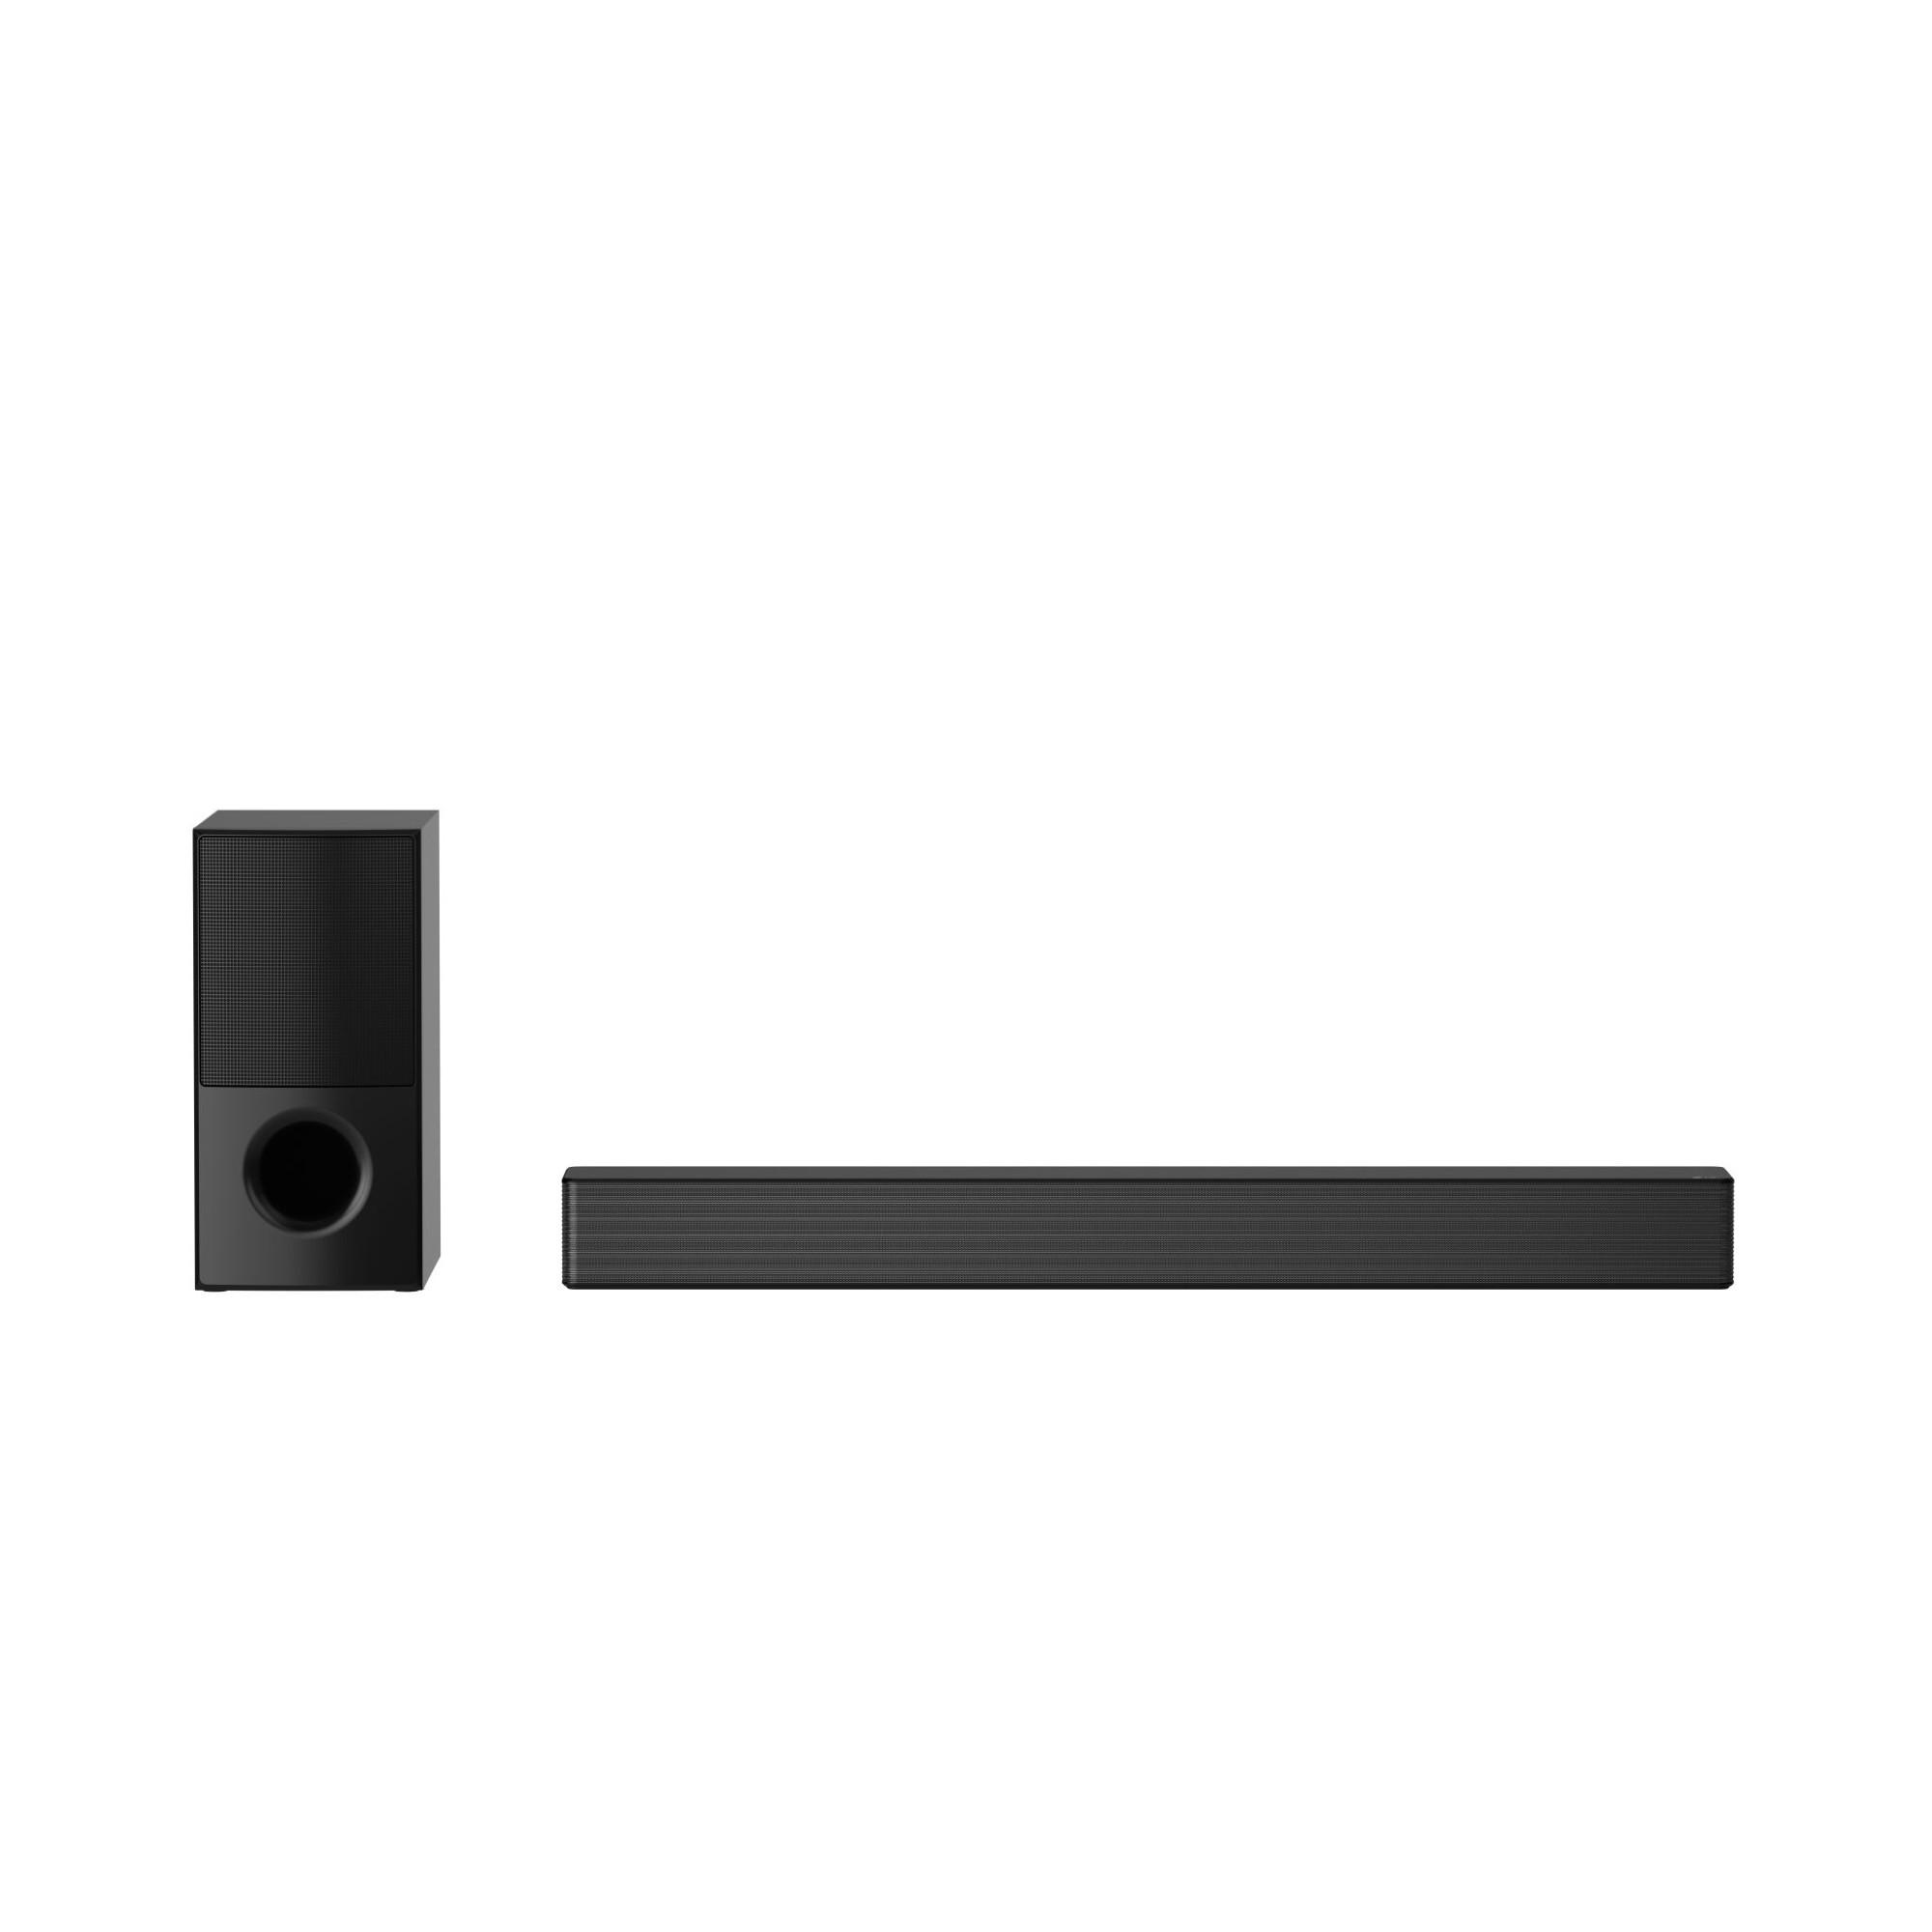 Soundbar LG SNH5 600W HDMI USB Bluetooth